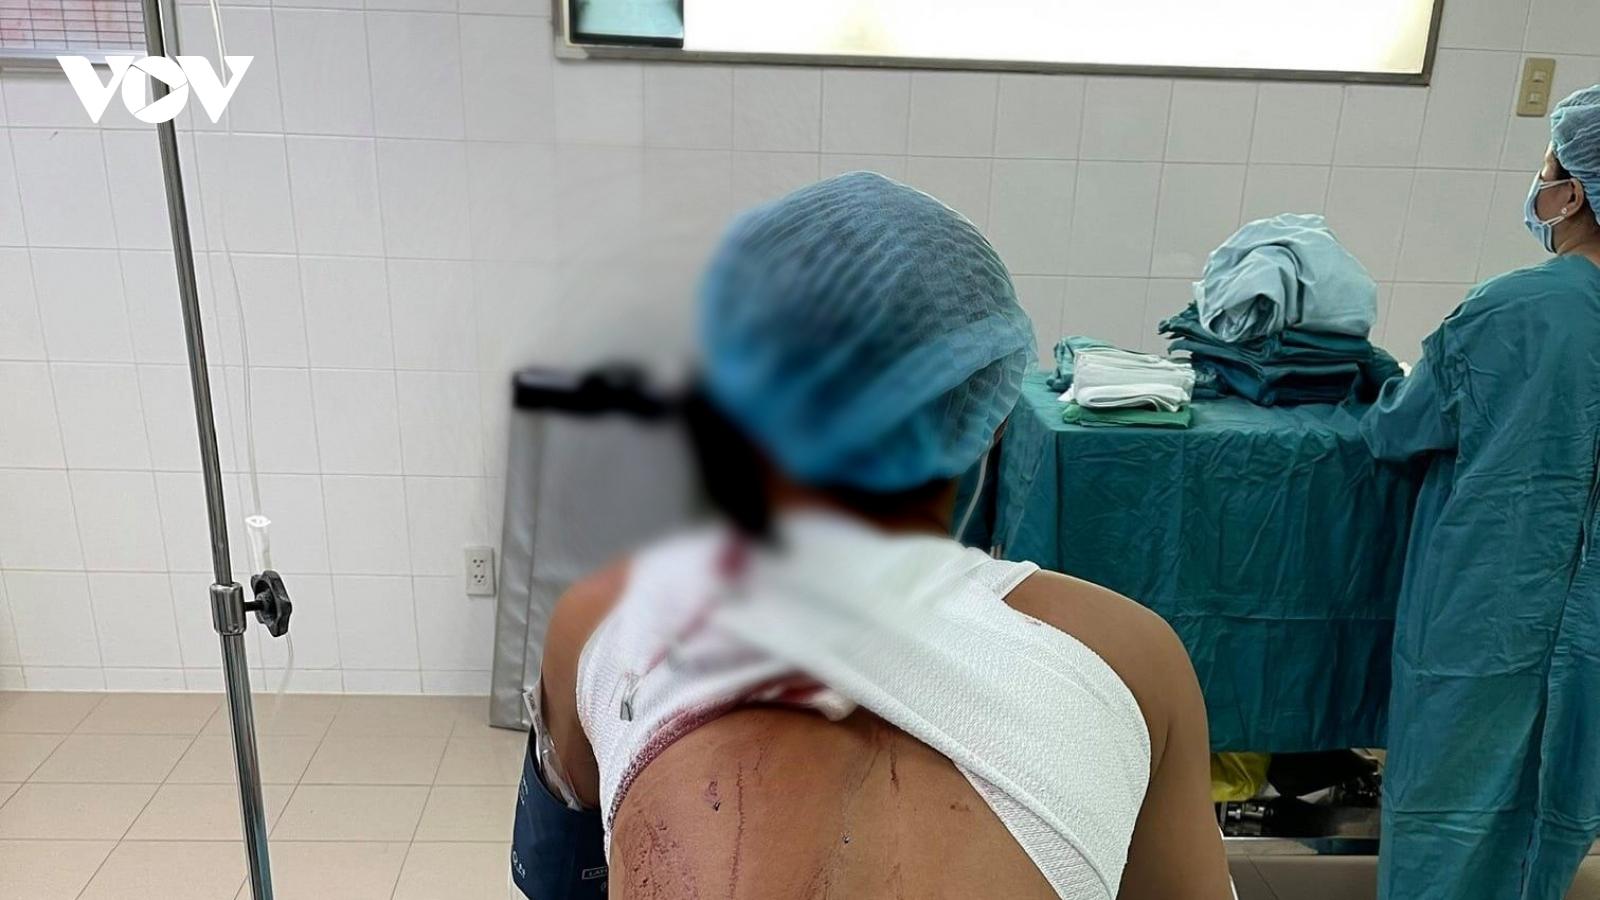 Bắt giữ 2 đối tượng đánh, chém ngườinhập viện cấp cứu ở Tiền Giang